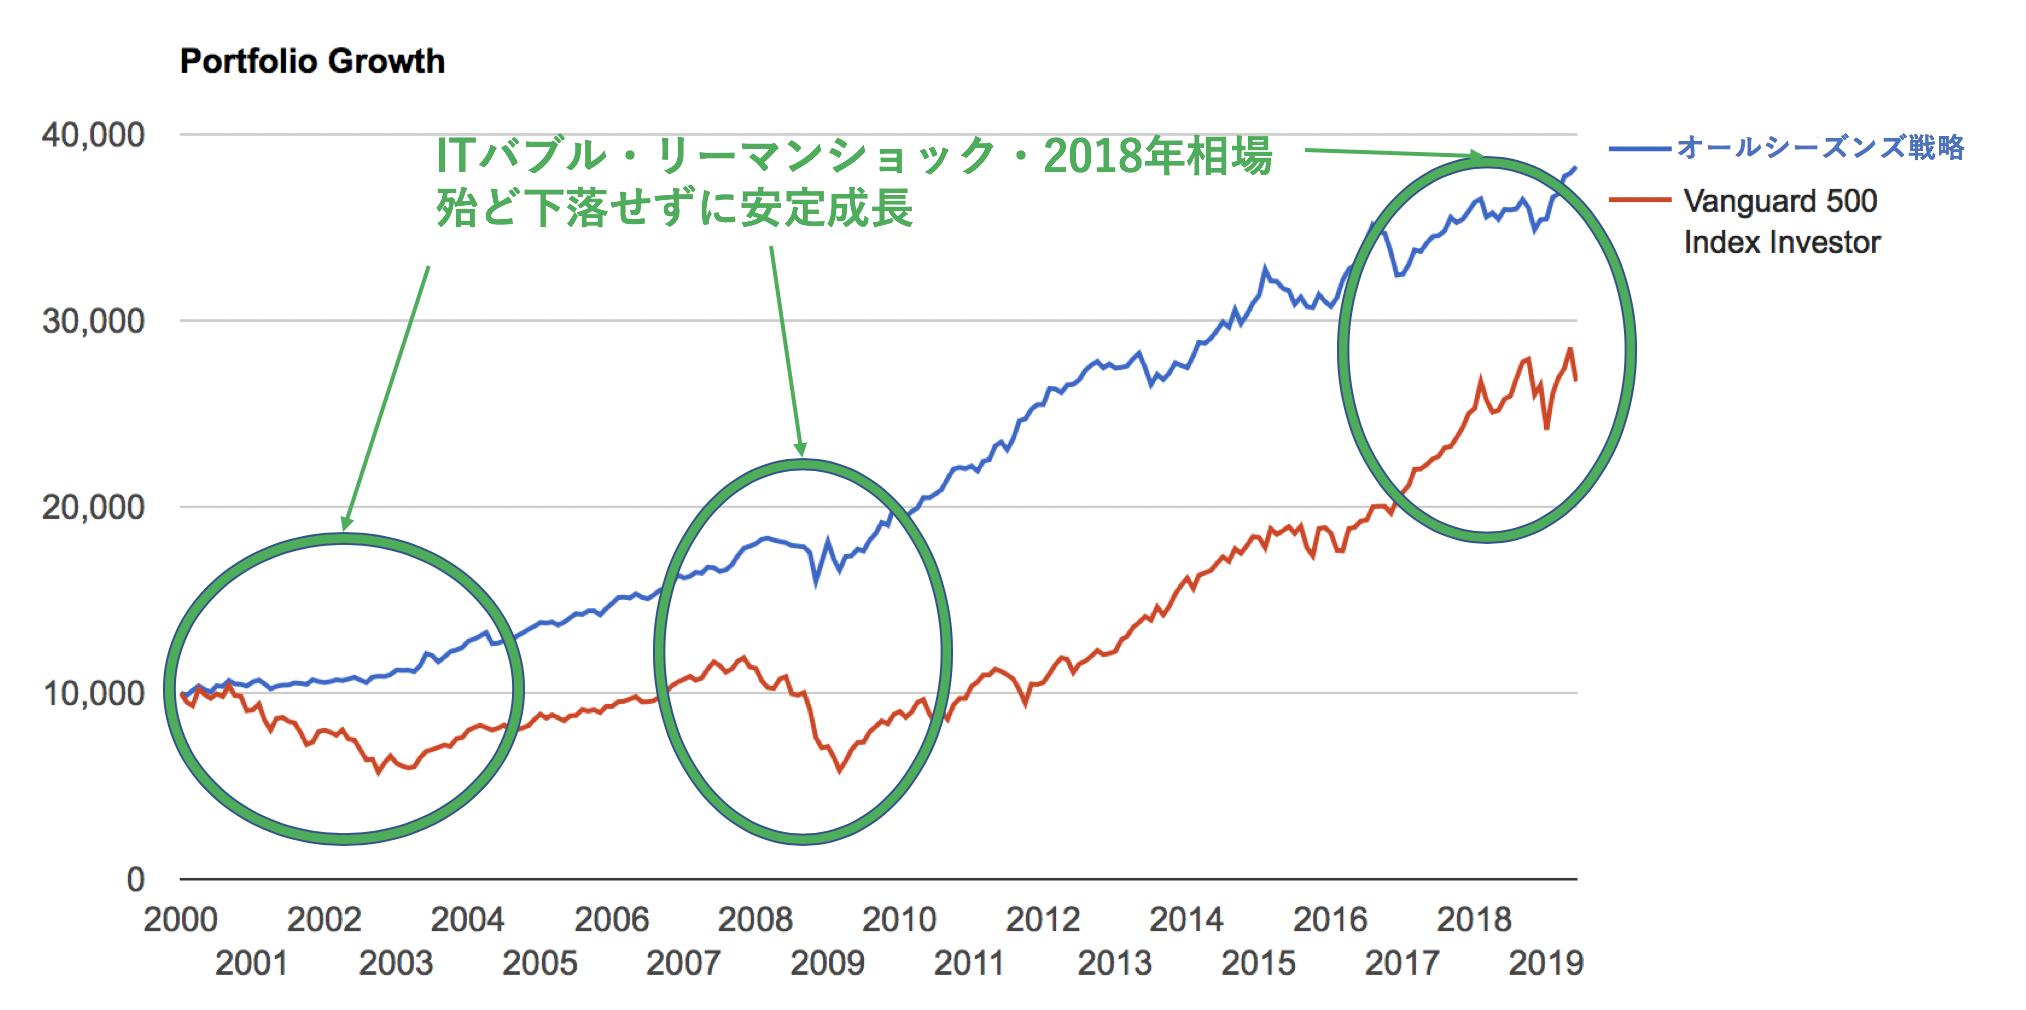 オールシーズンズ戦略とS&P500指数の2000年以降の比較